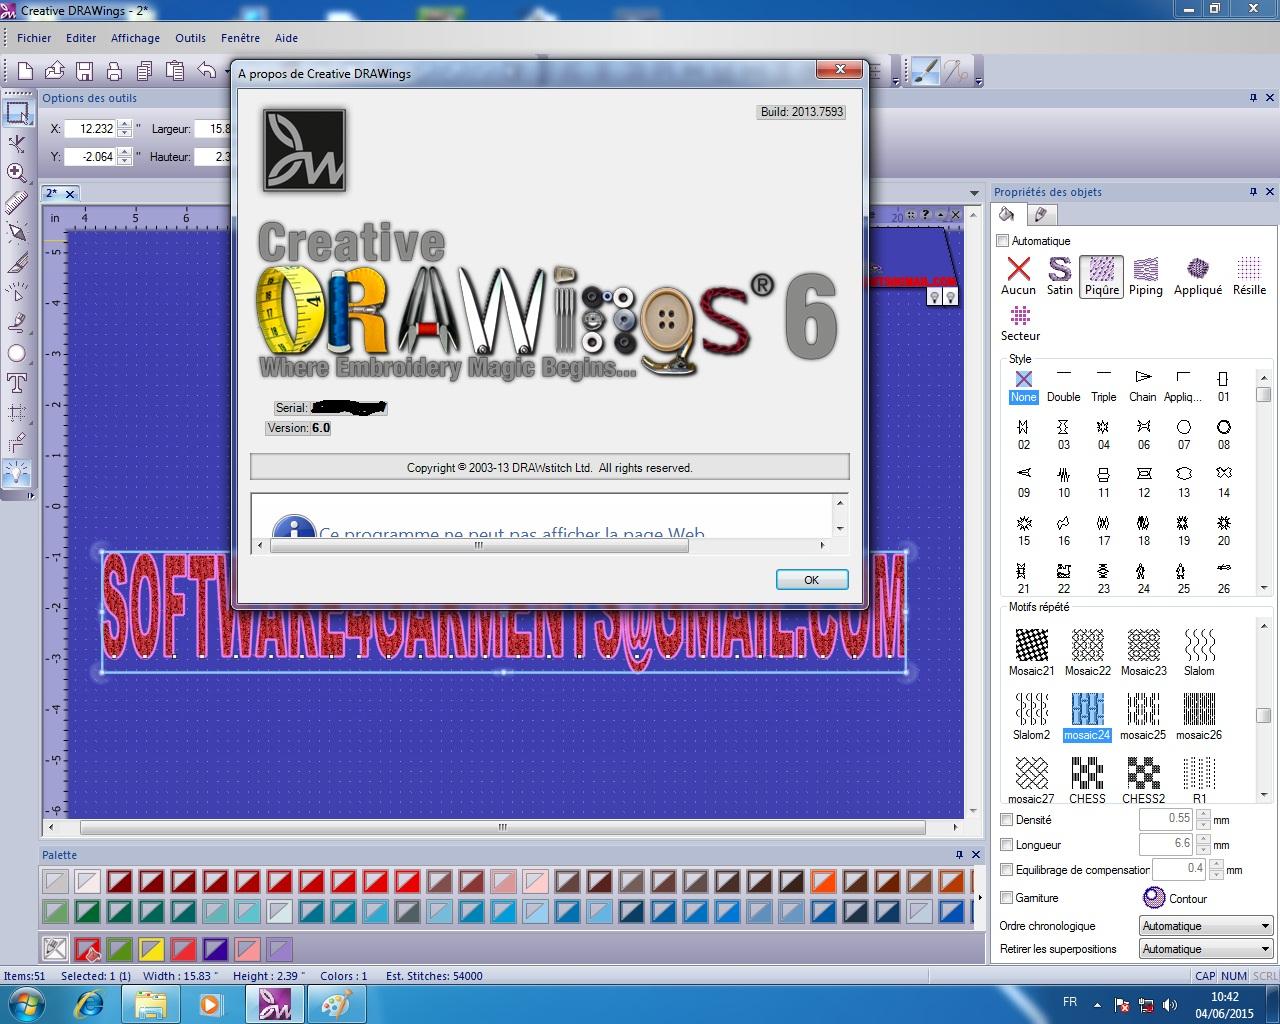 Wings xp 5 crack full download